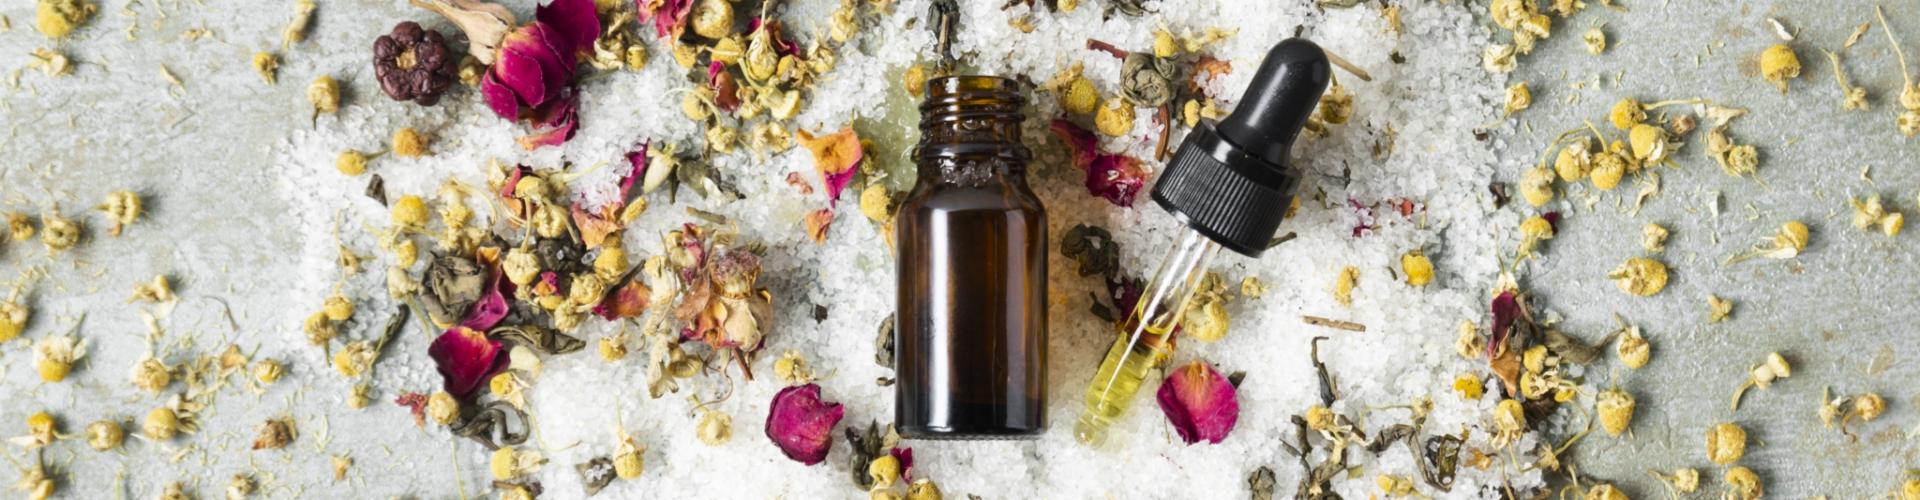 ingrédients cosmétique diy